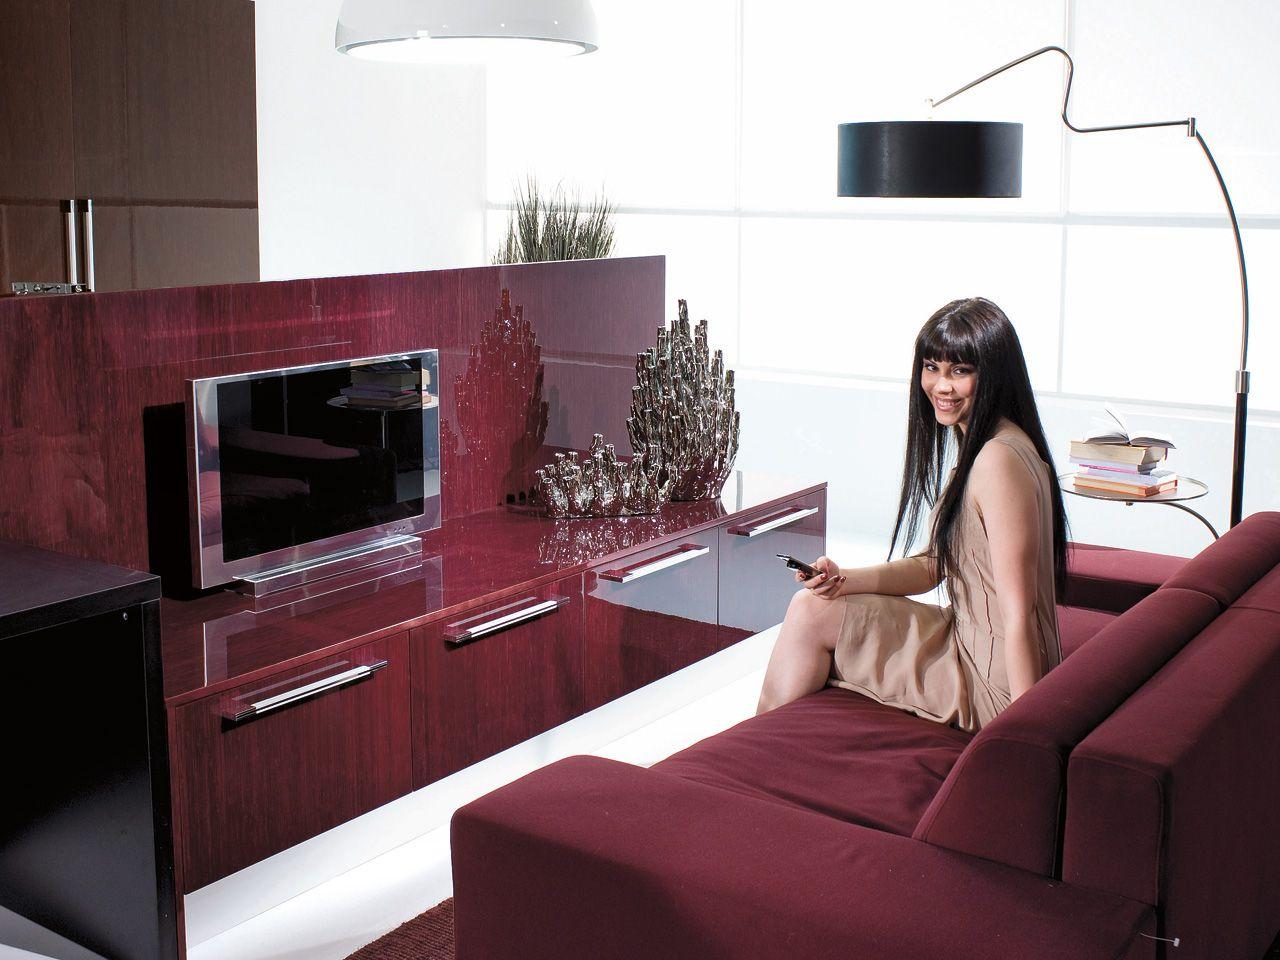 Tv Wohnwand Als Raumteiler : NILDE Raumteiler Wohnwand by Cucine Lube